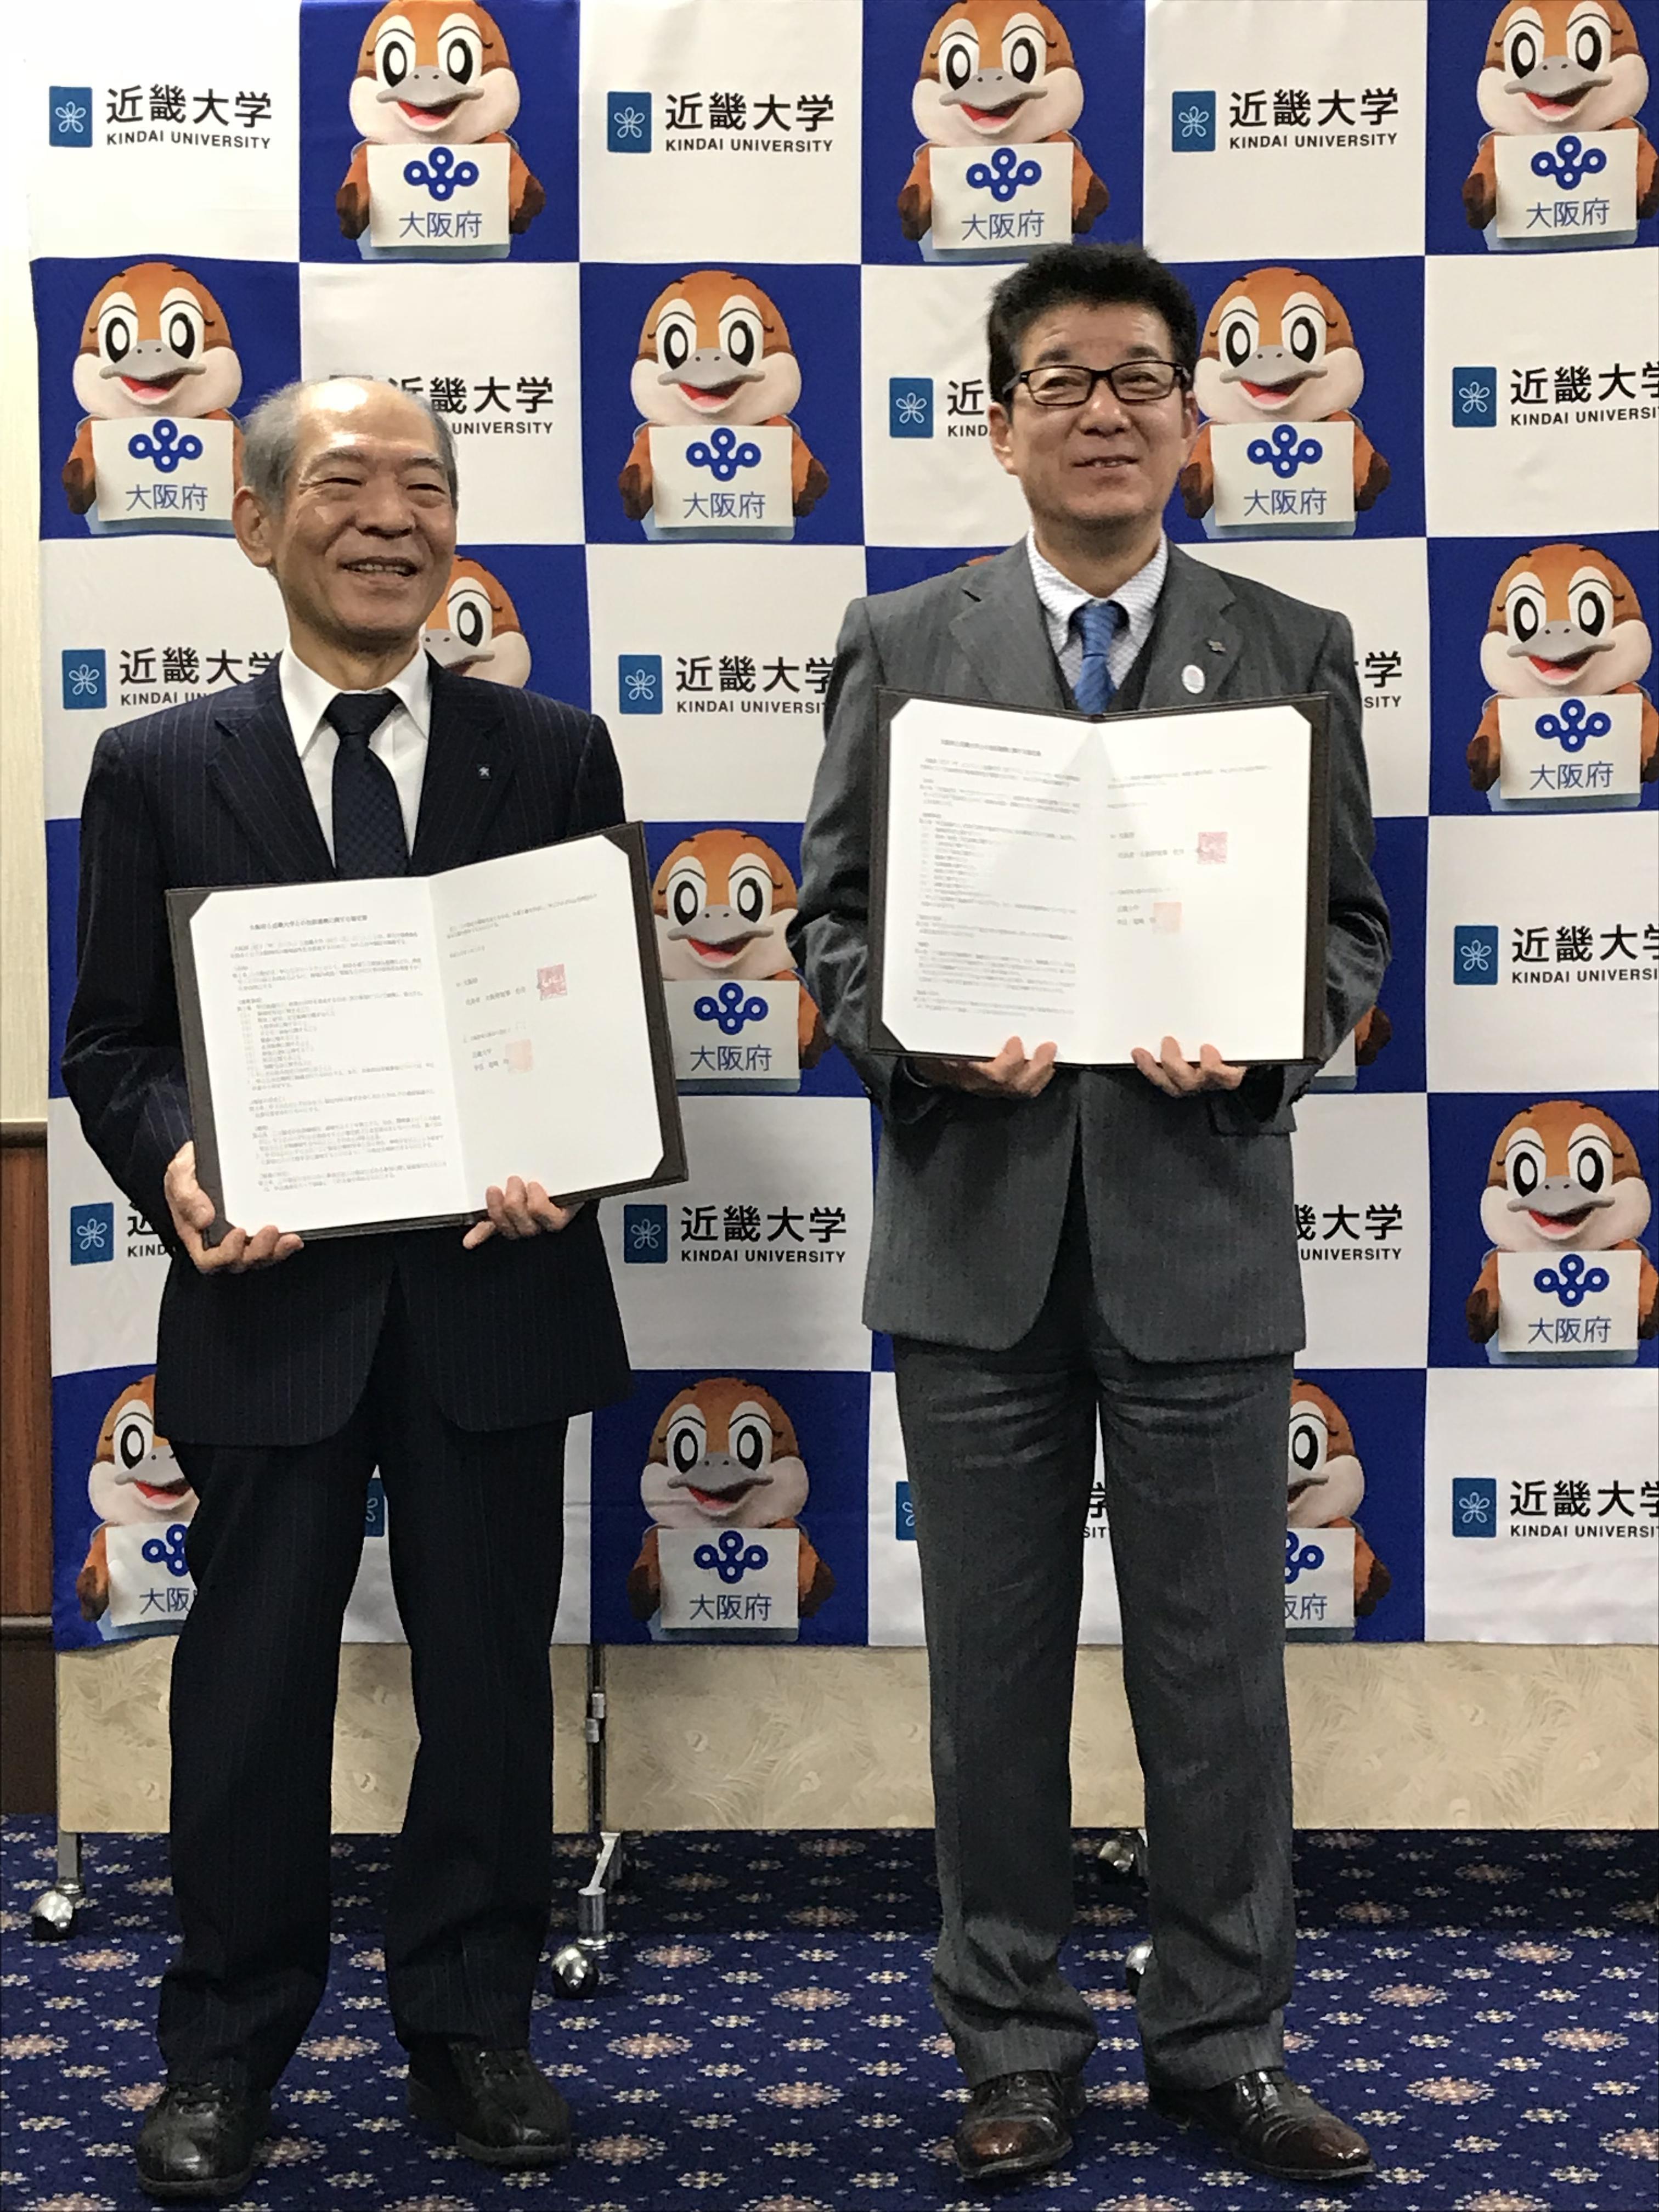 大阪府と近畿大学が包括連携協定を締結